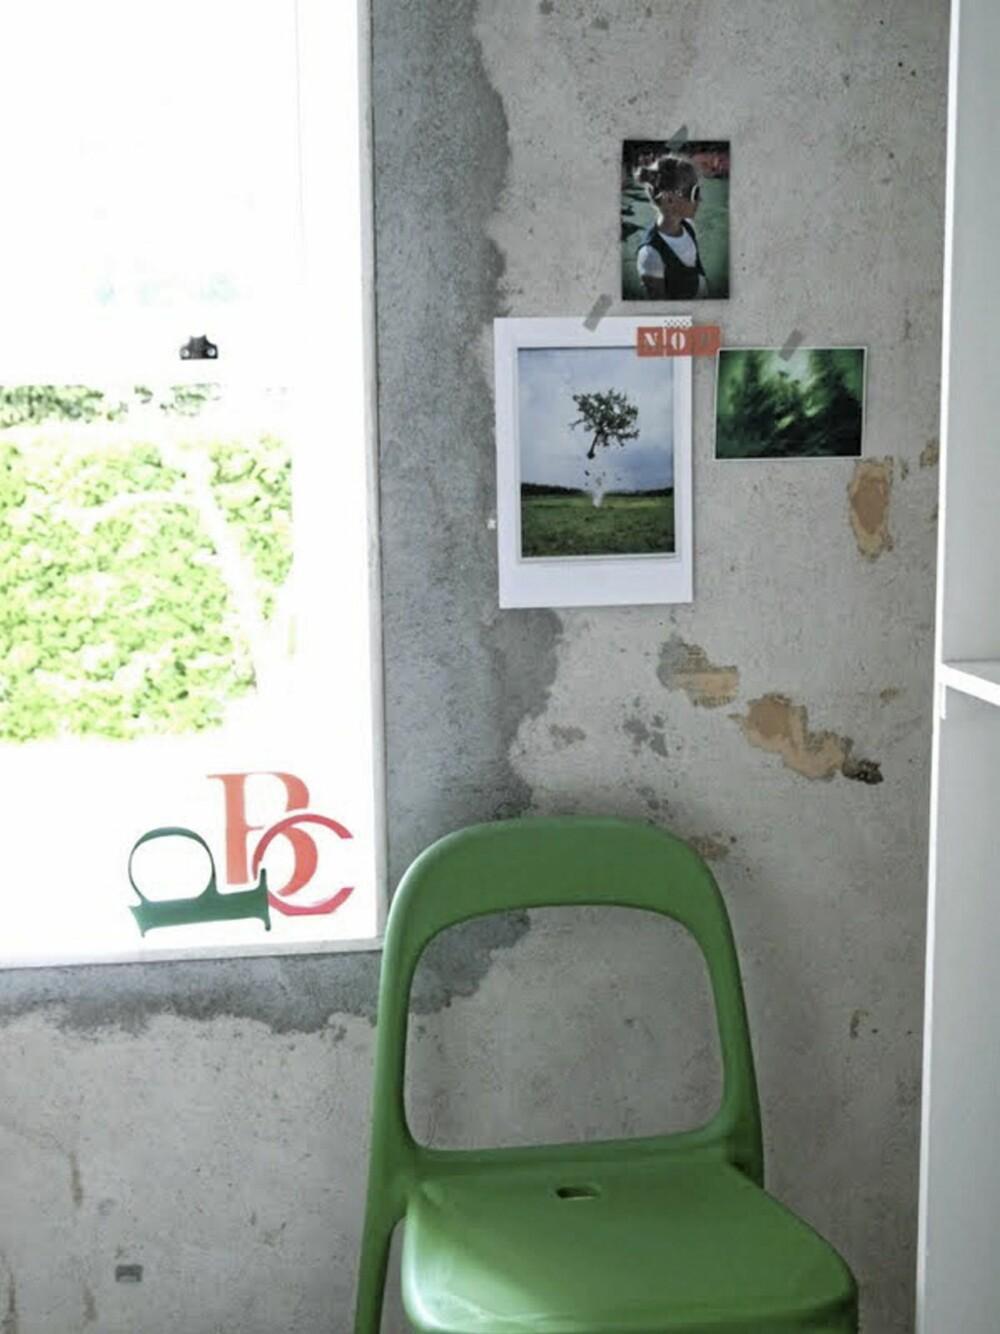 HJØRNE MED SÆRPREG: En grønn stol og noen tøffe bilder festet med tape på veggen, gir rommet særpreg. Spesielt mot den røffe veggen.